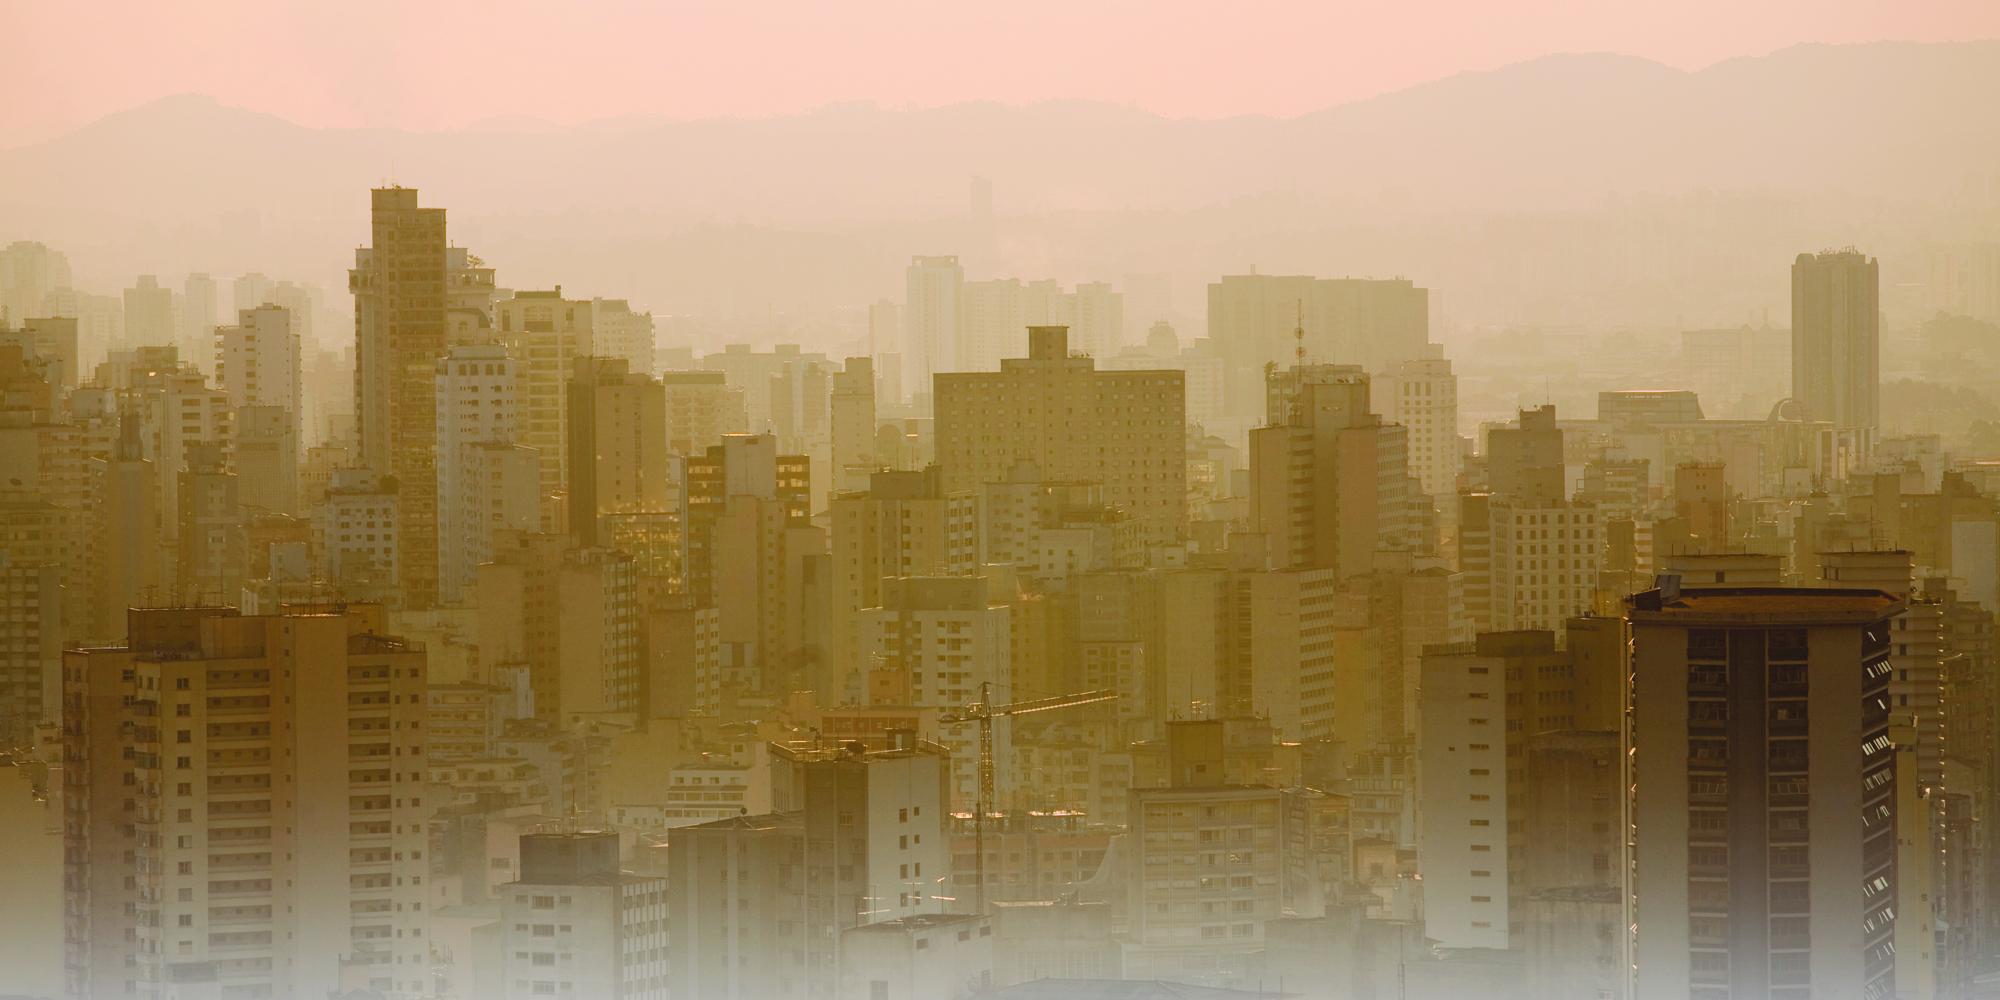 أزمة تطوير المدن